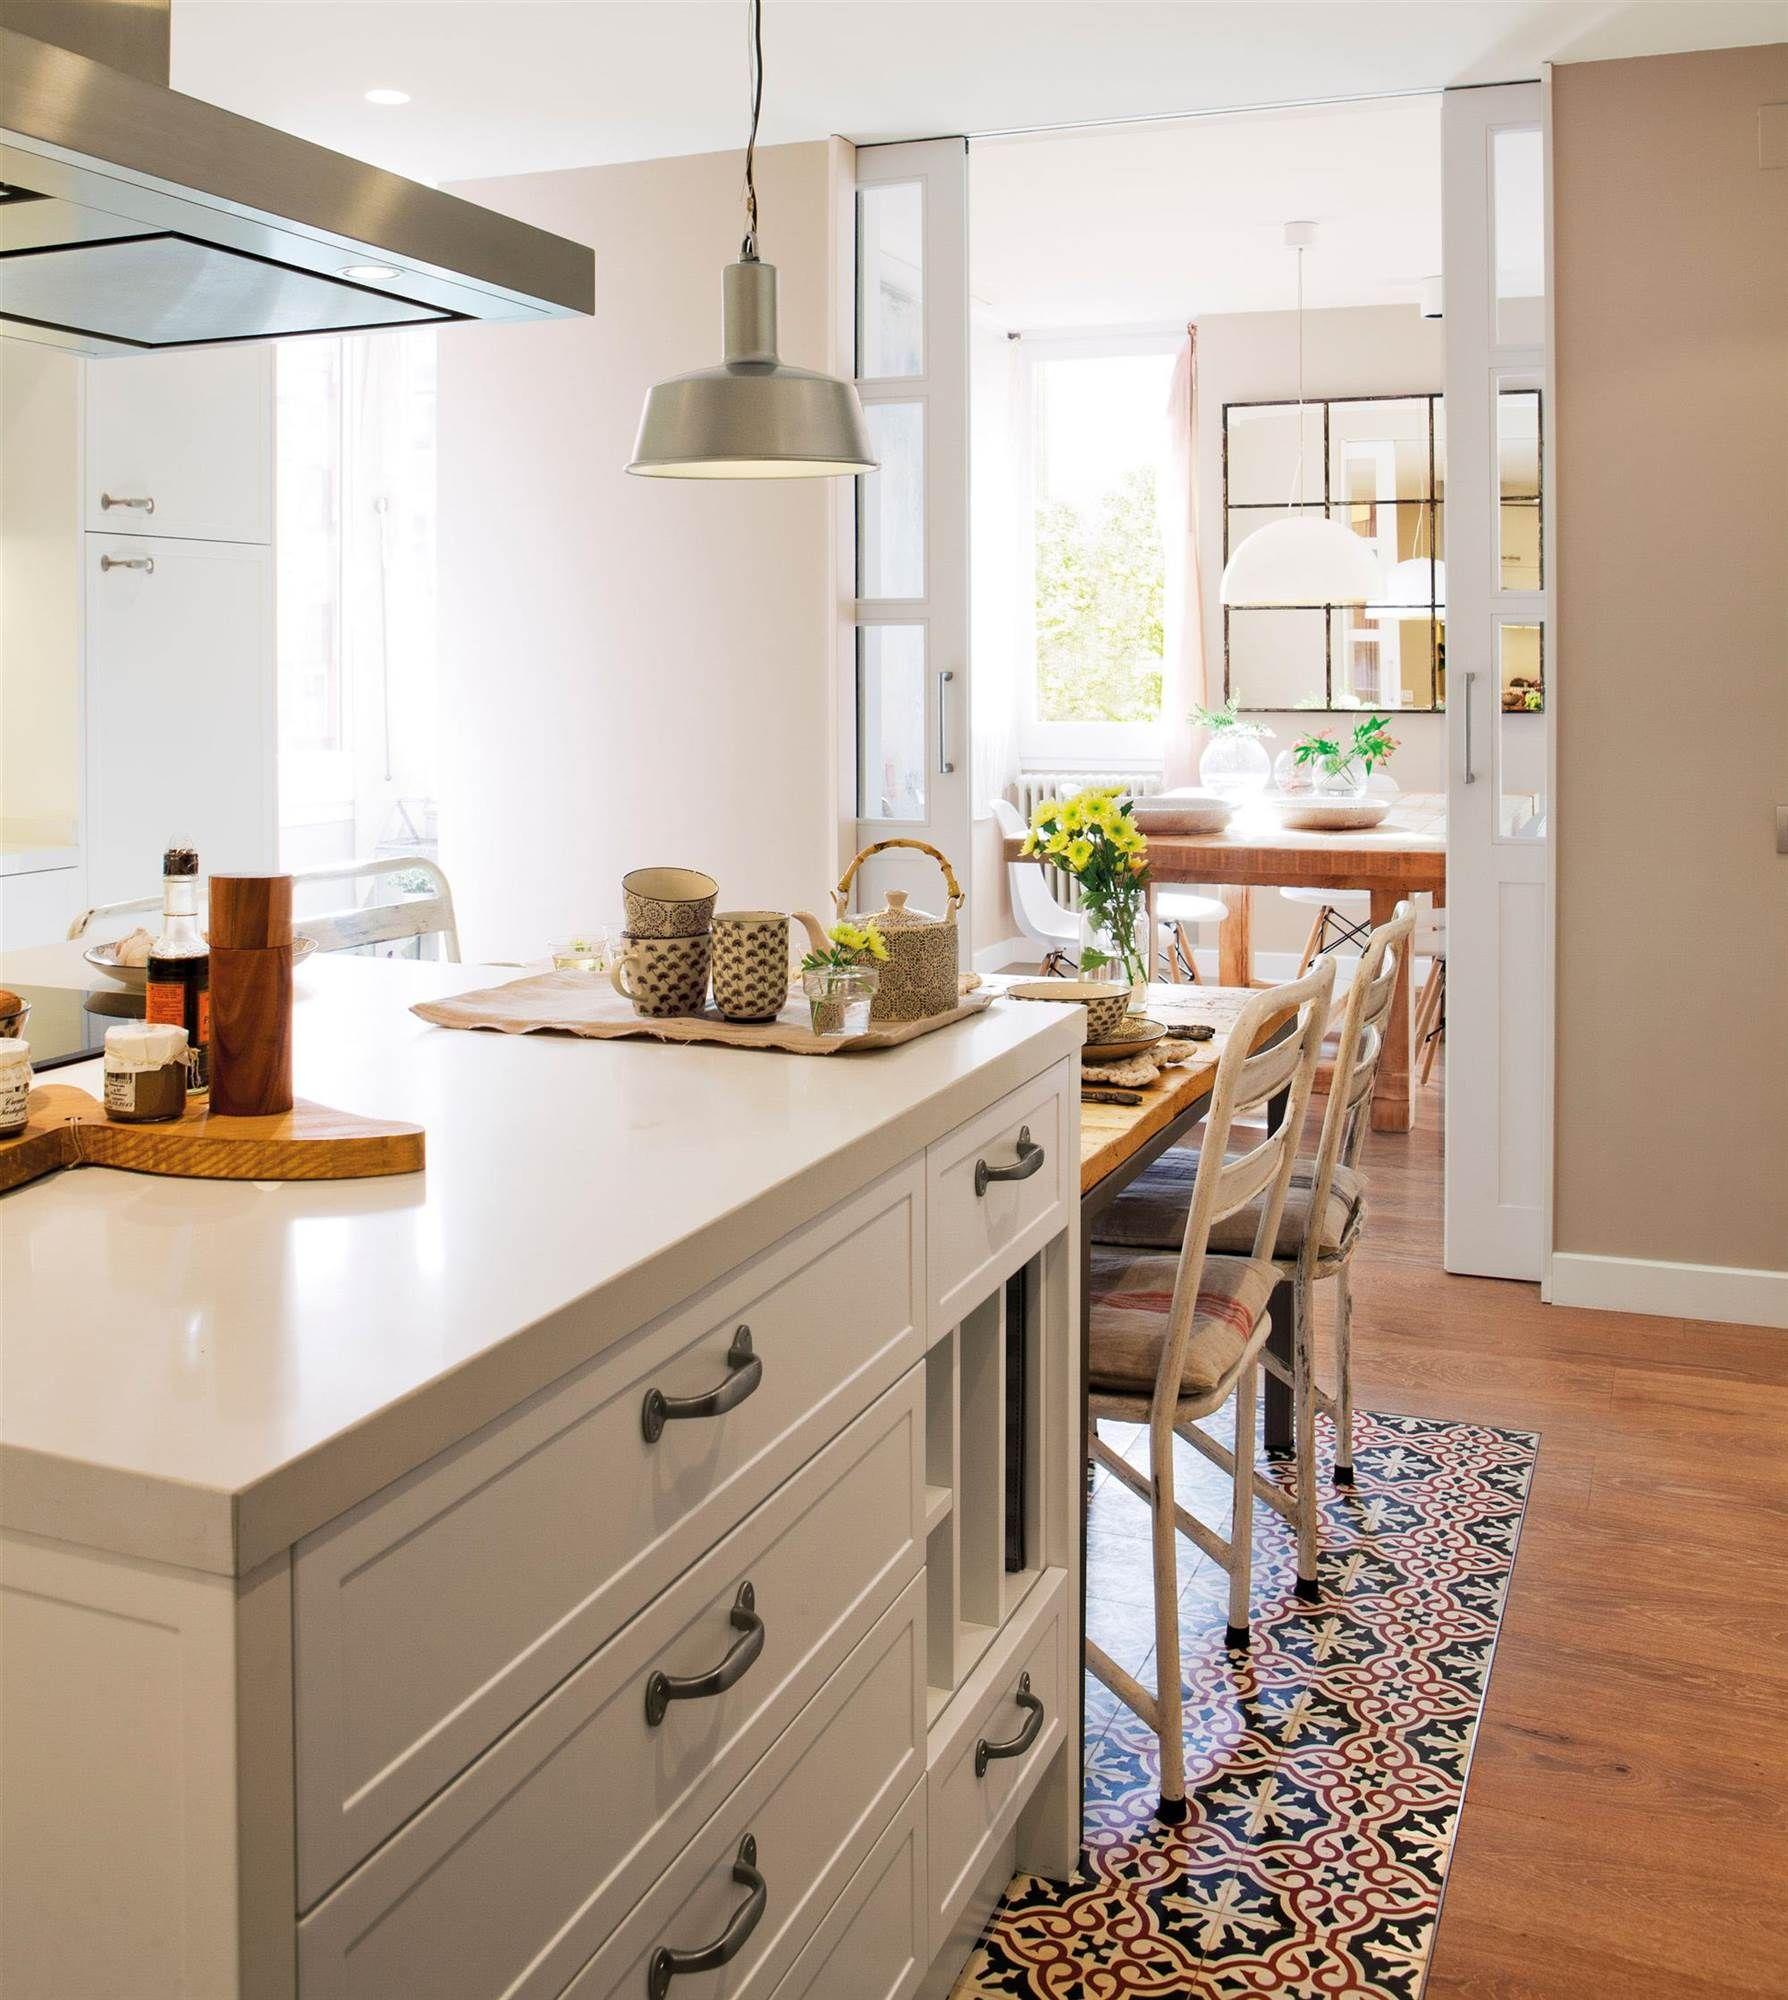 Baño abierto al dormitorio_00438429 | Suelos, Ideas y Cocinas